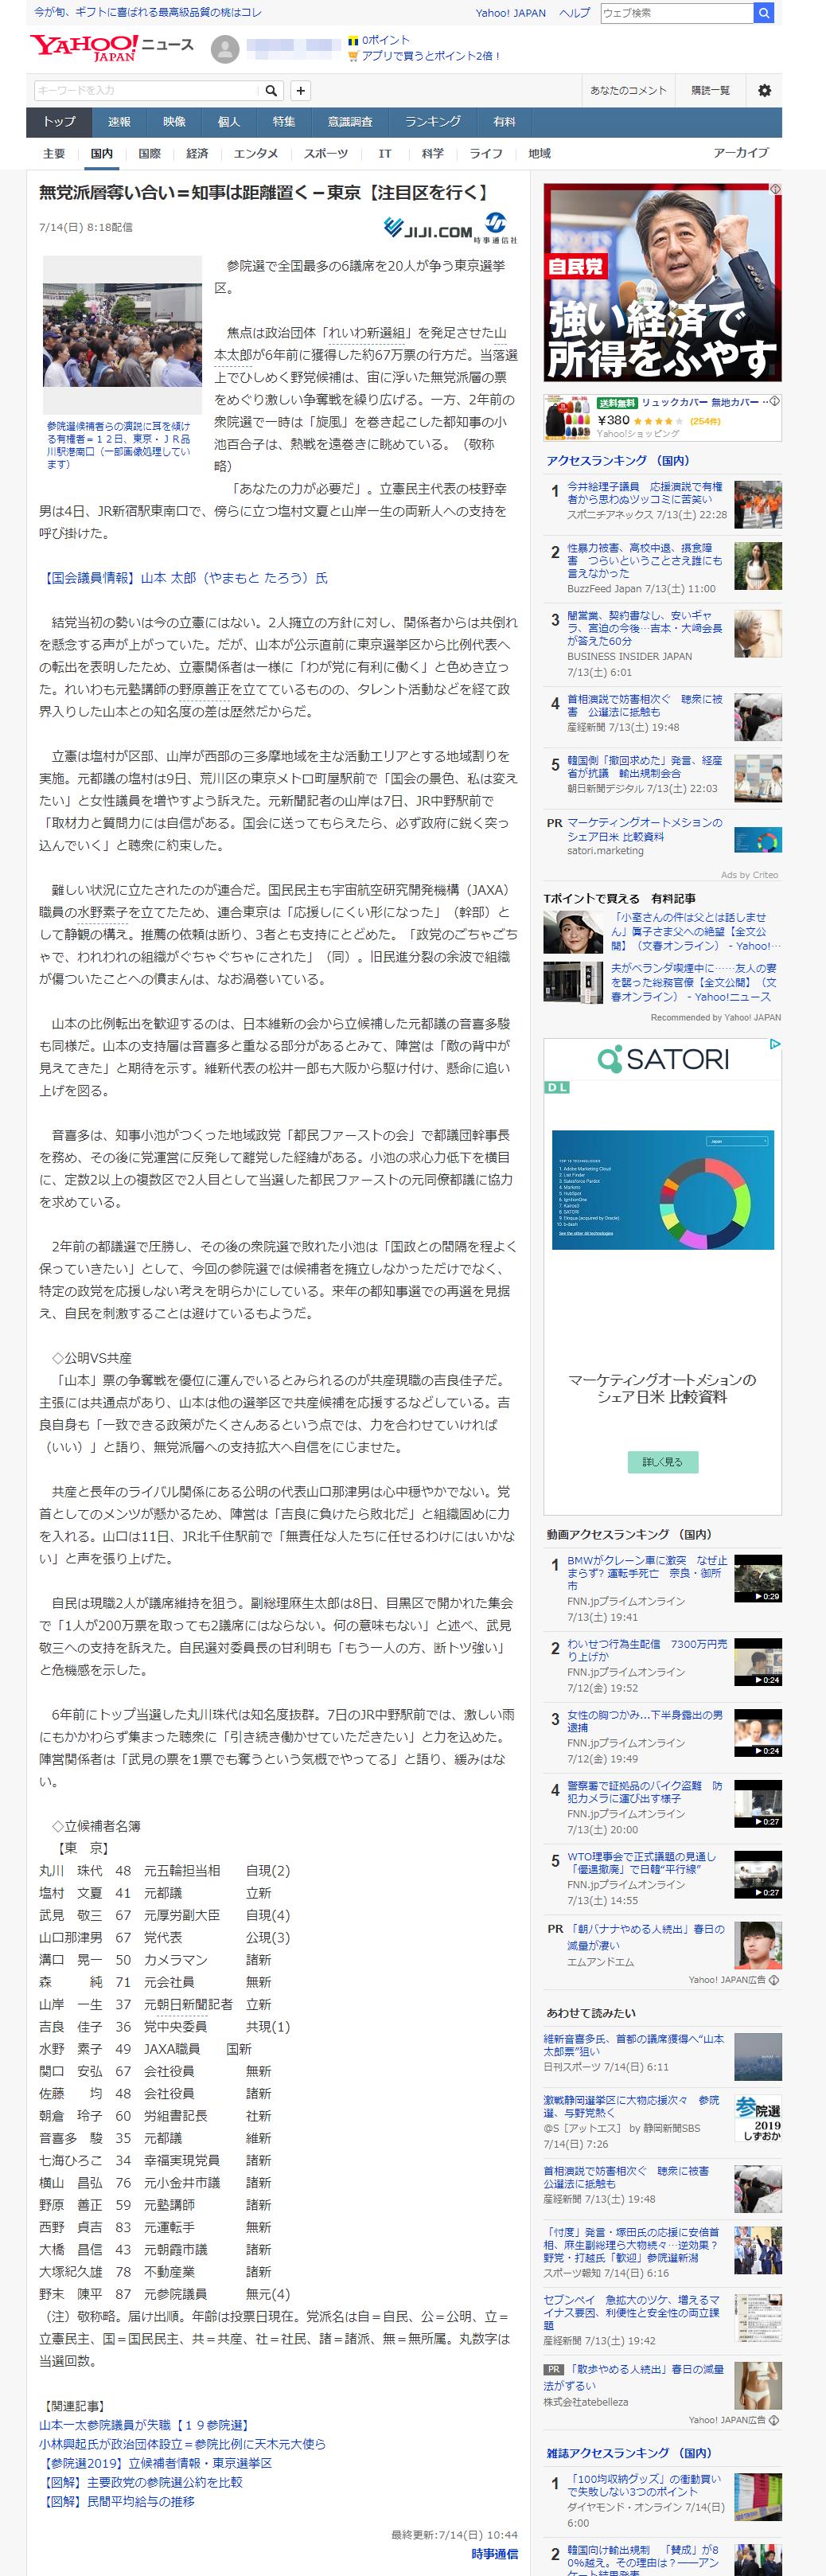 Yahoo国内ニュース全文記事